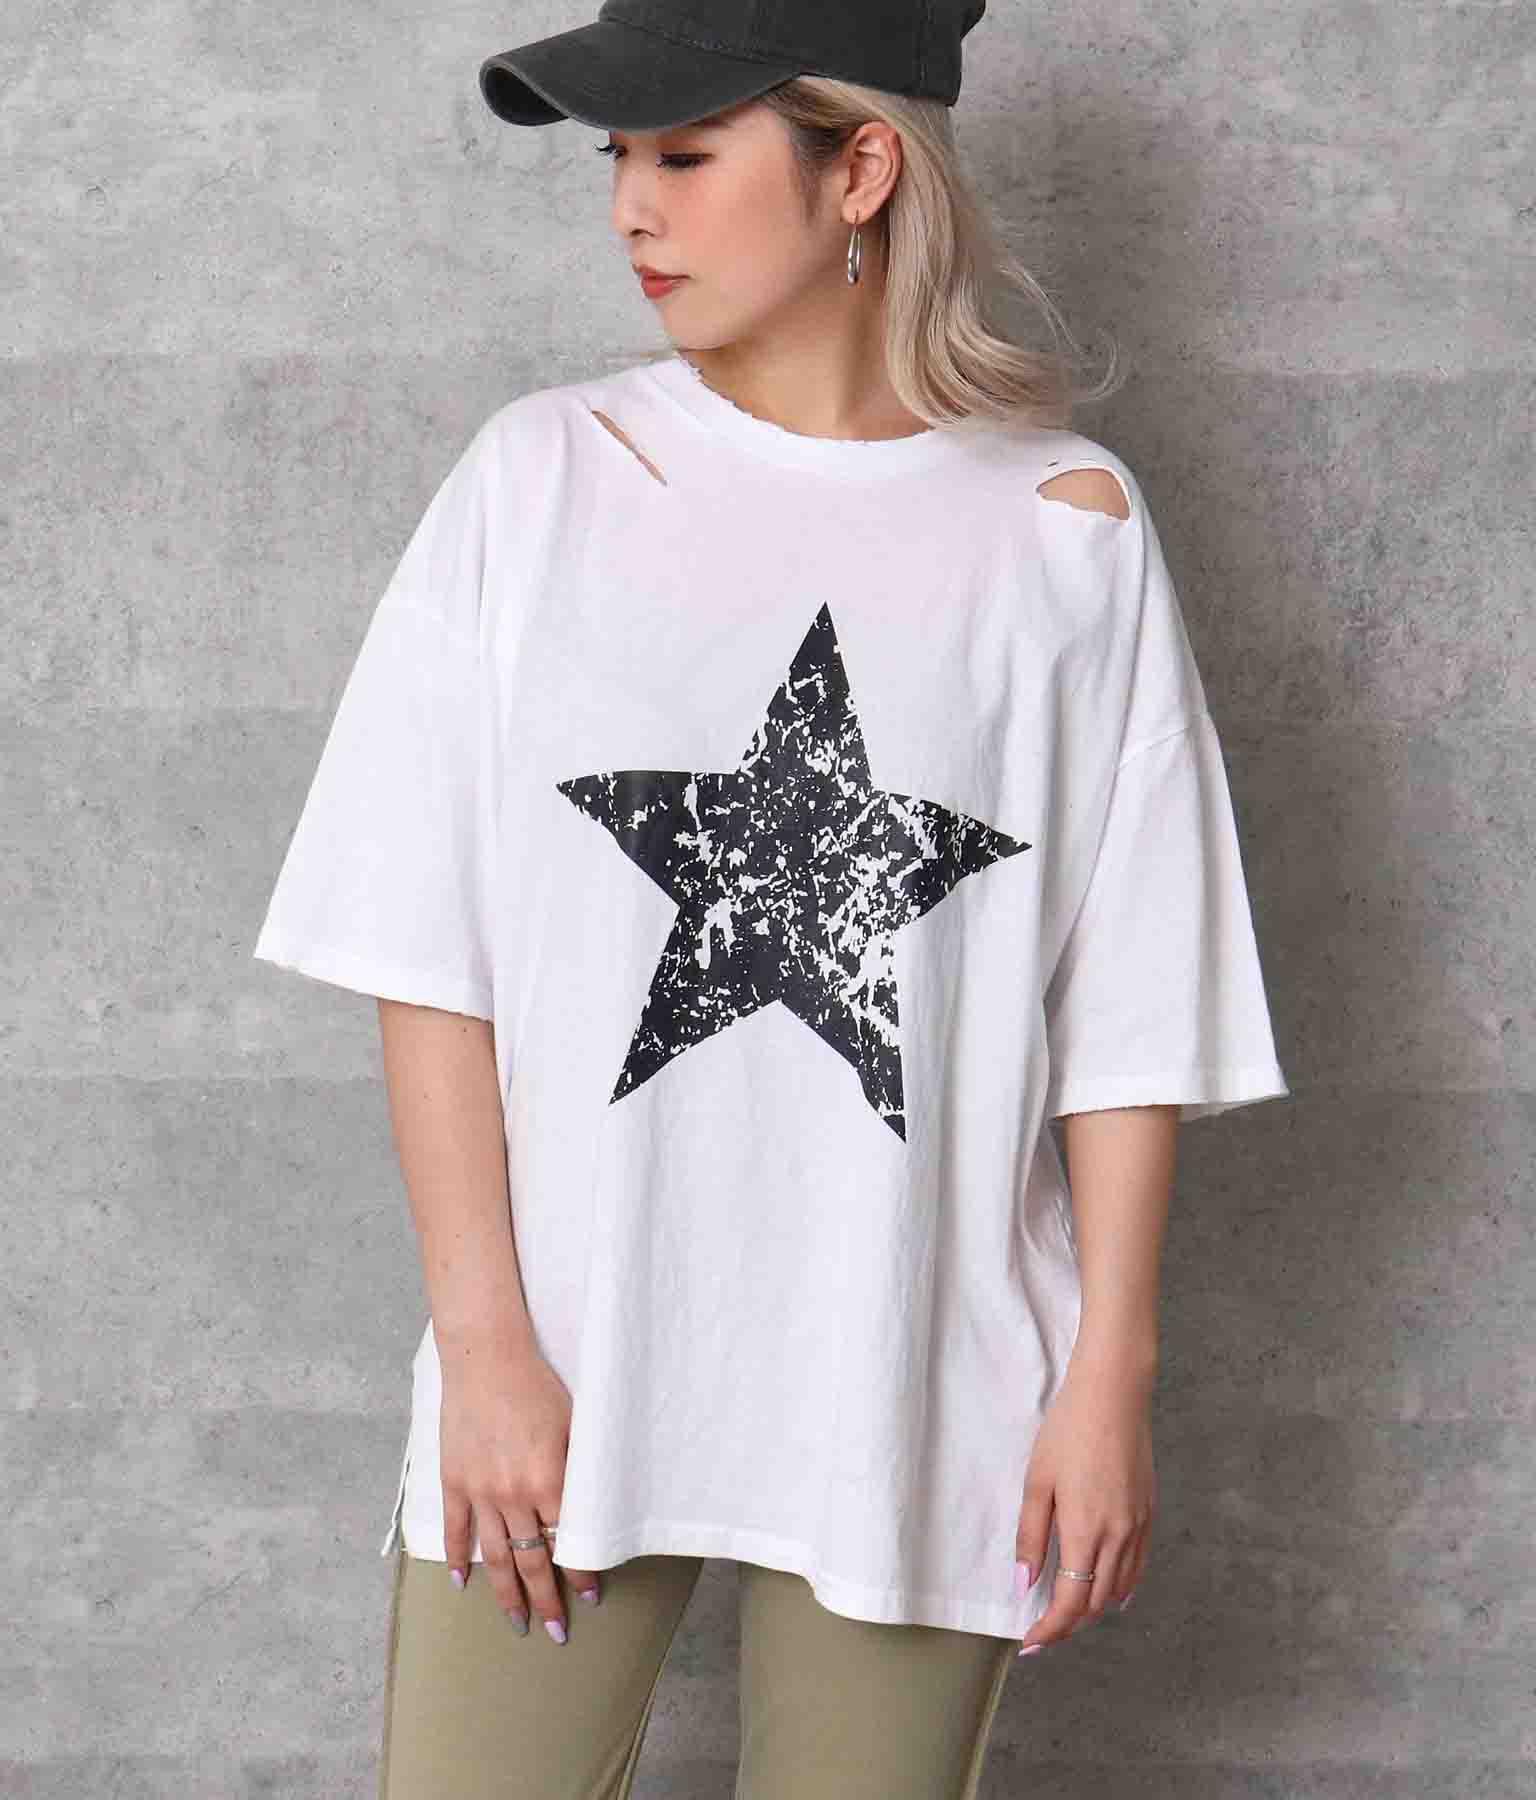 星プリントダメージTシャツ